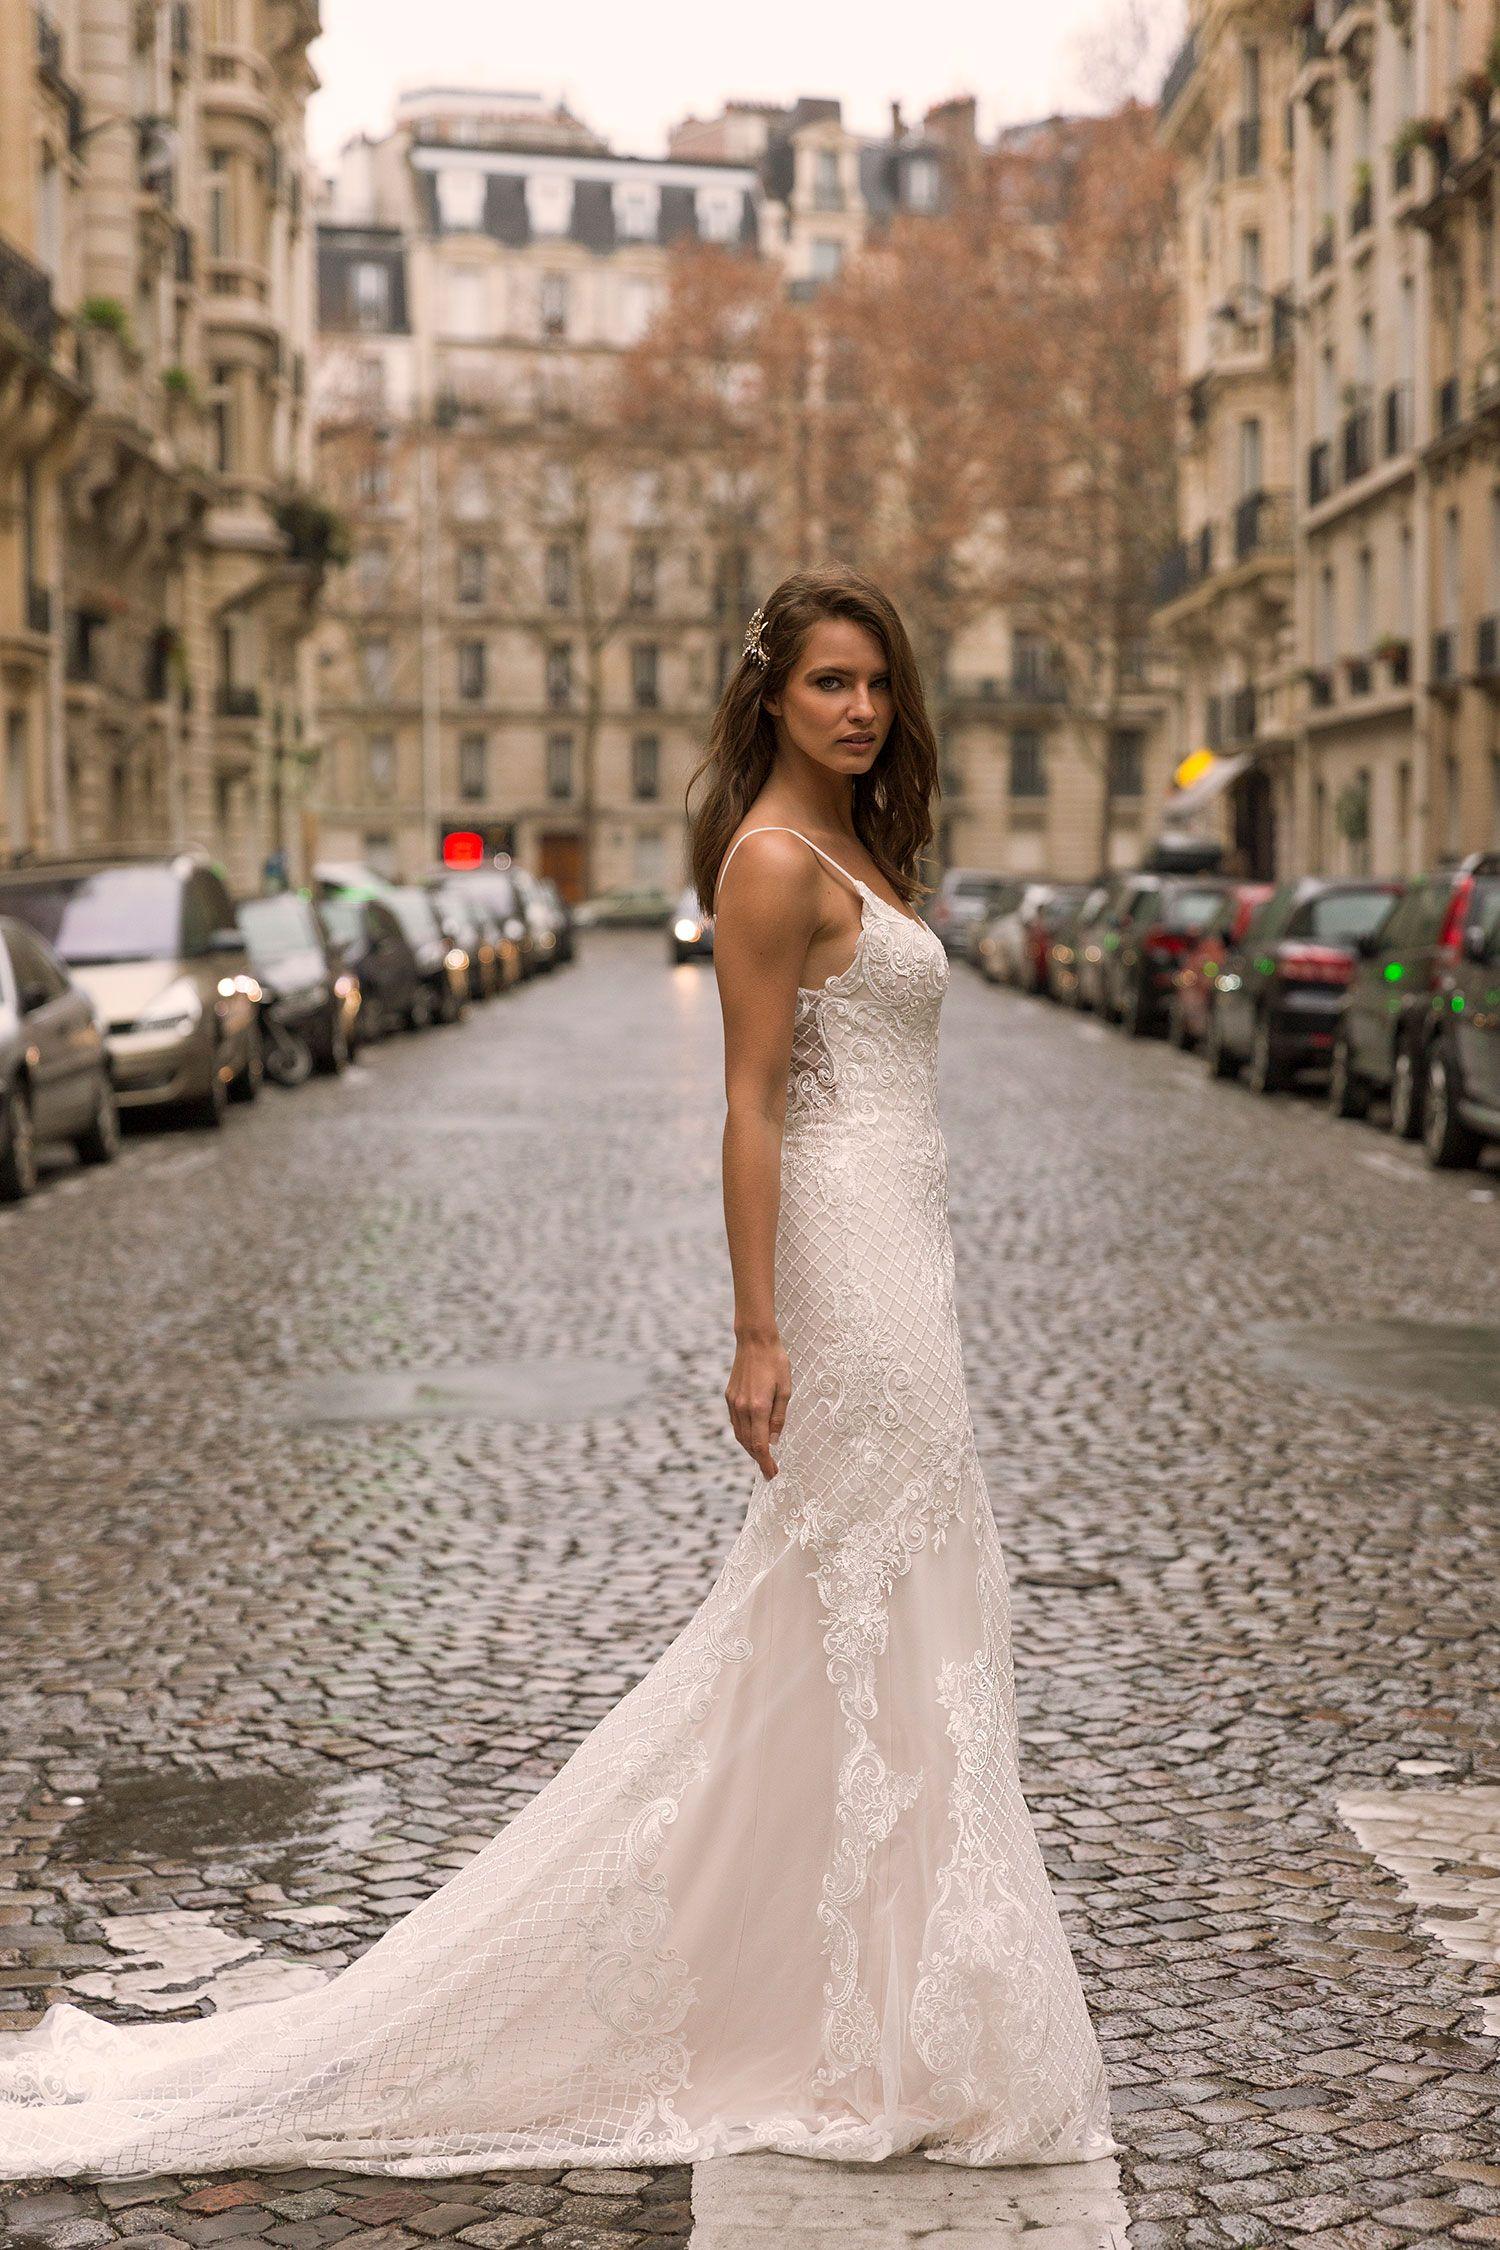 The I N D I R A Gown By Madi Lane Bridal Style Number Ml9019 Madilanebridal Madilanebride We Wedding Dresses Embellished Wedding Gowns Find Wedding Dress